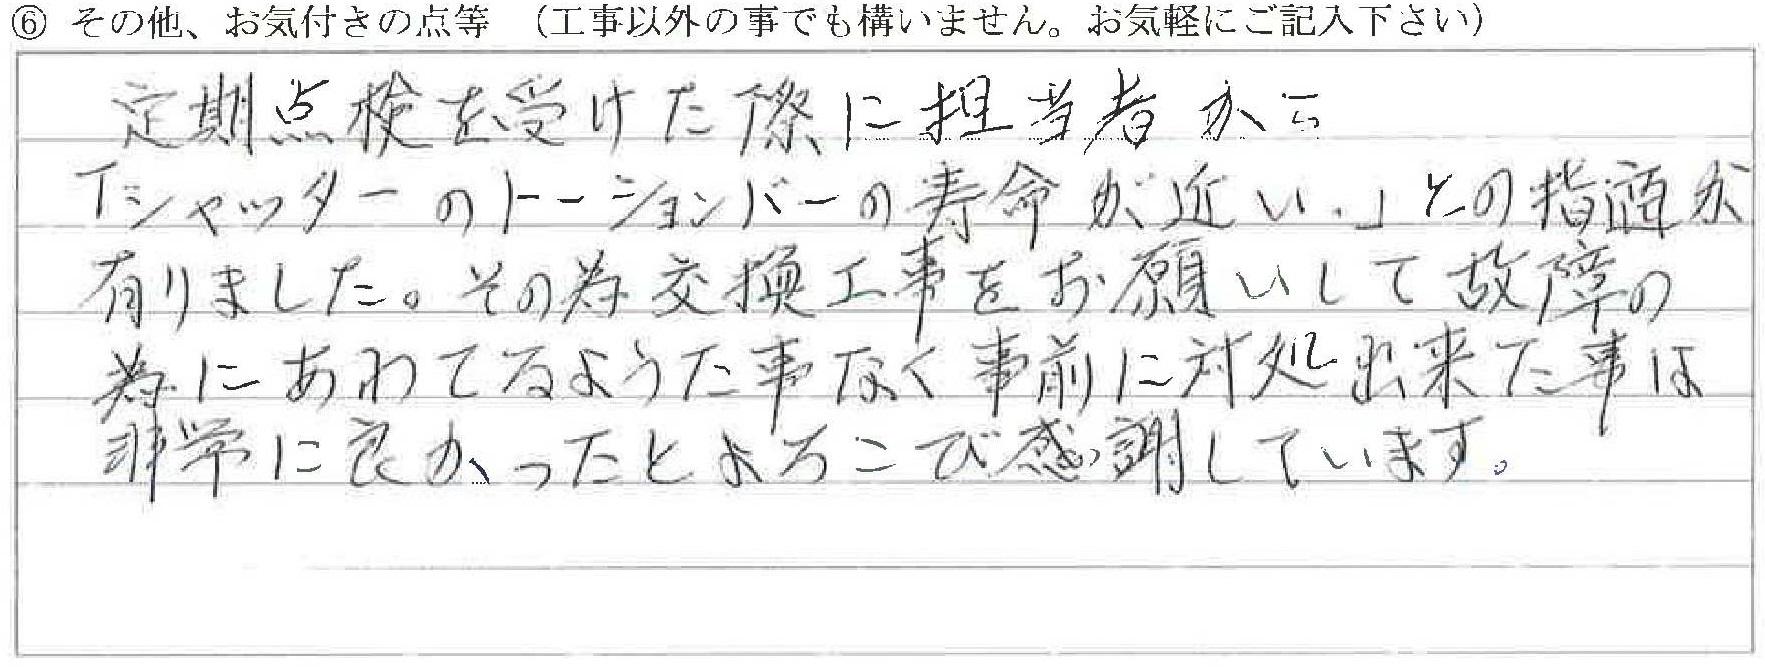 富山県黒部市Y様に頂いたトーションバー交換工事についてのお気づきの点がありましたら、お聞かせ下さい。というご質問について「トーションバー交換【お喜びの声】」というお声についての画像